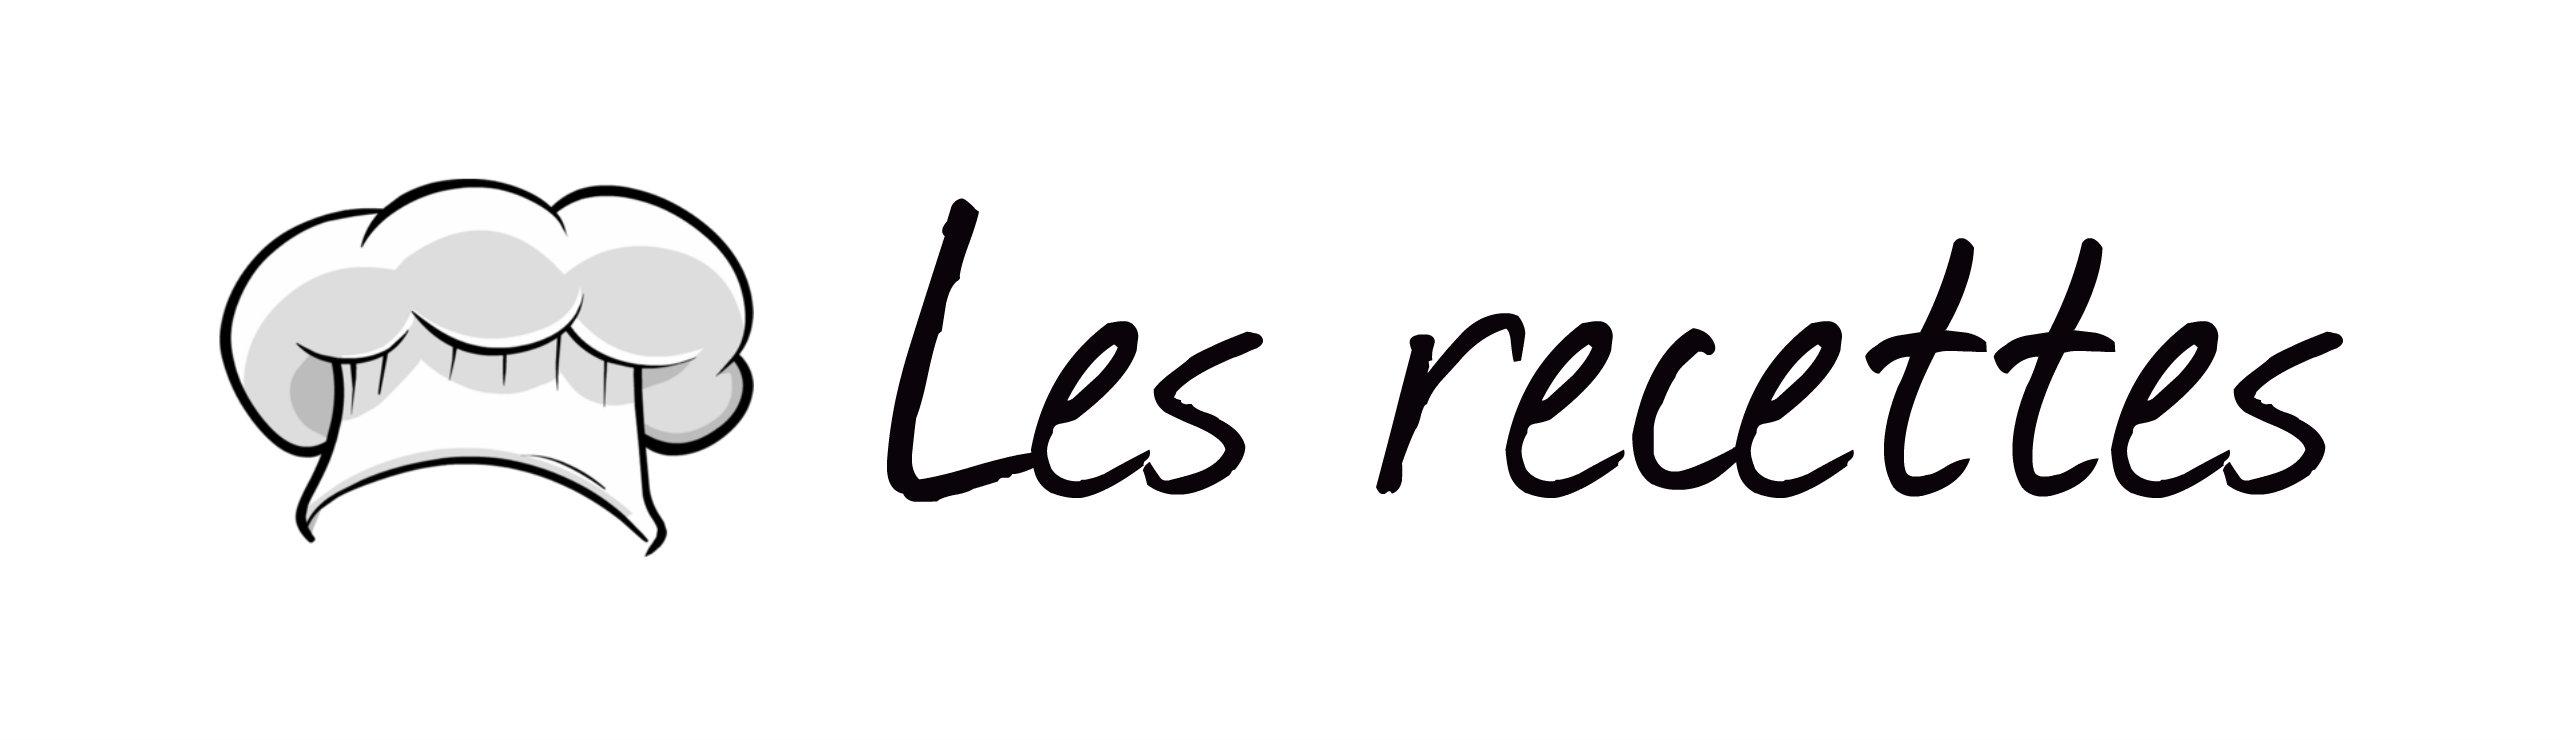 Recepti francoskih jedi dijakov Srednje šole Veno Pilon Ajdovščina